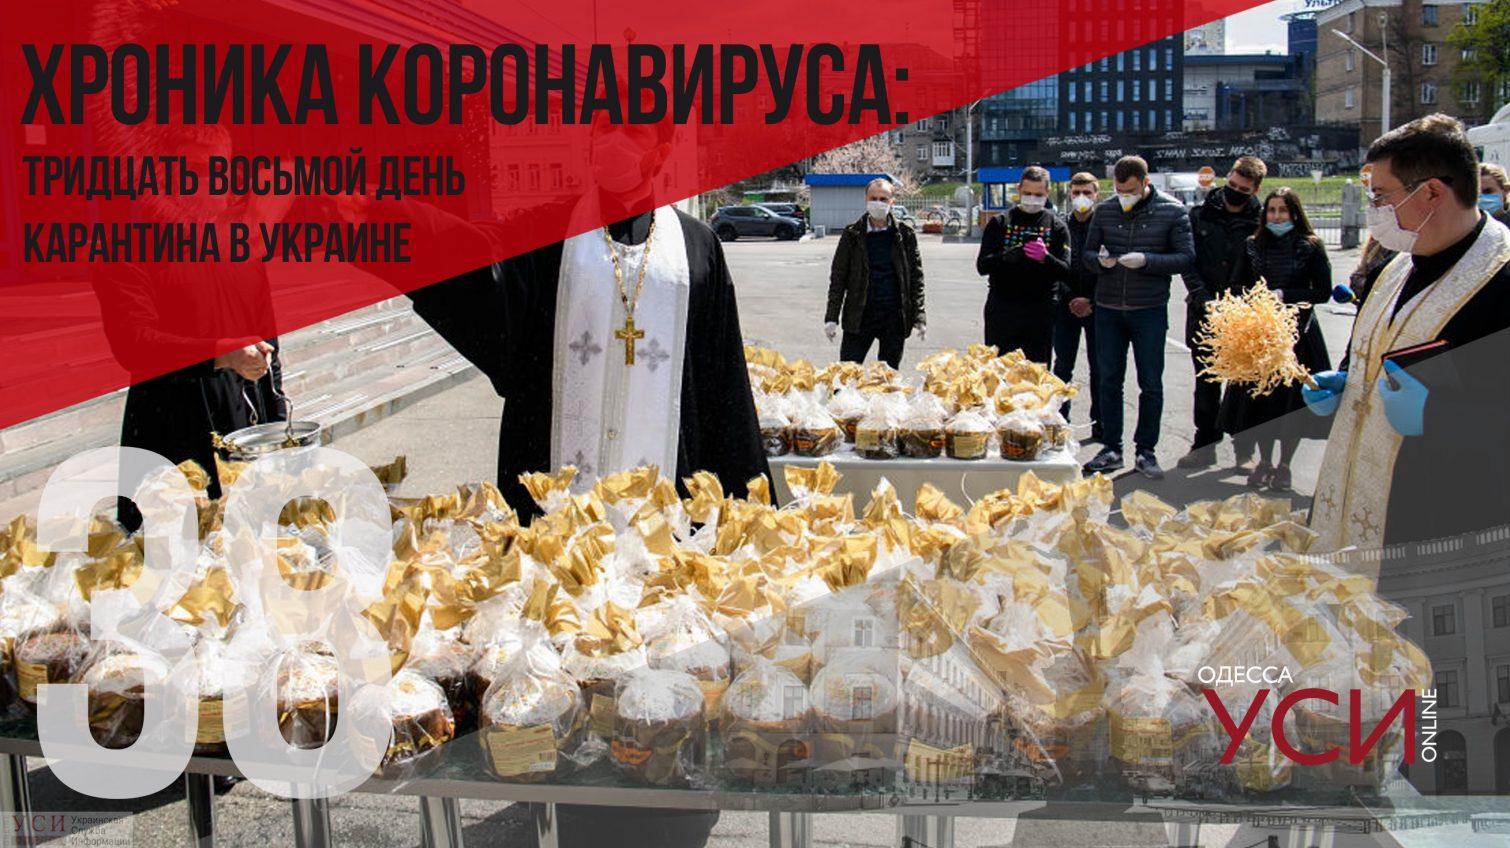 В Украине свыше 5 тысяч пациентов с коронавирусом, 112 в Одесской области «фото»